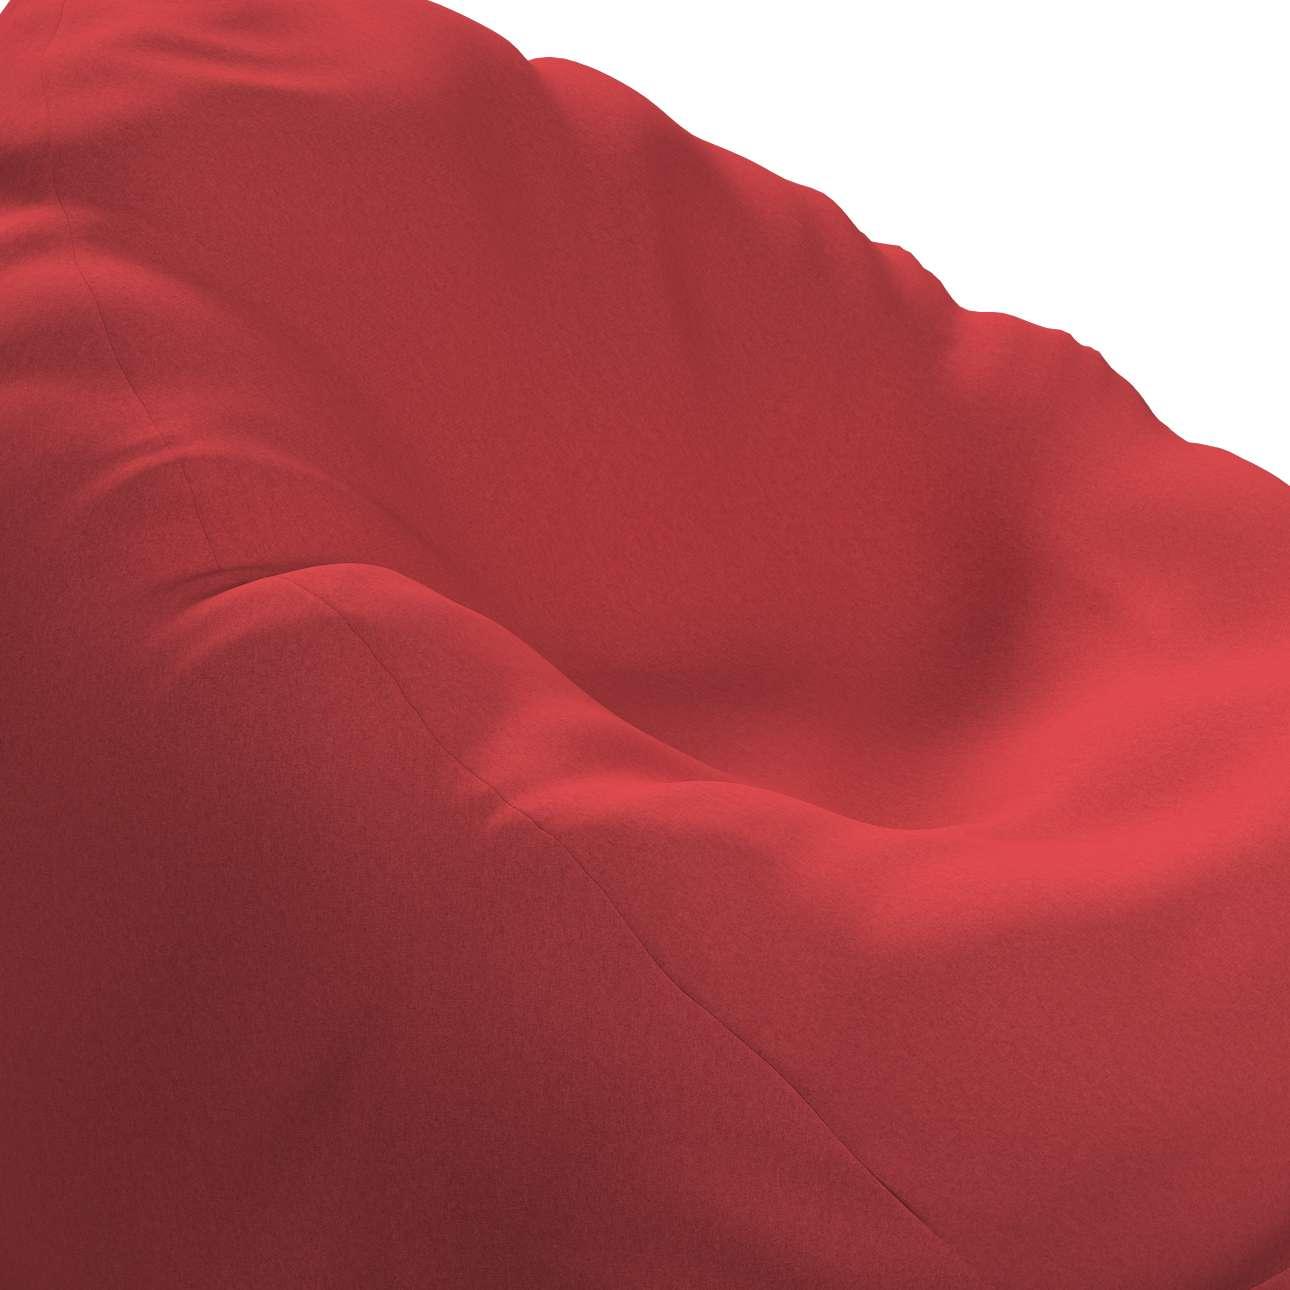 Pokrowiec na worek do siedzenia w kolekcji Living, tkanina: 161-56